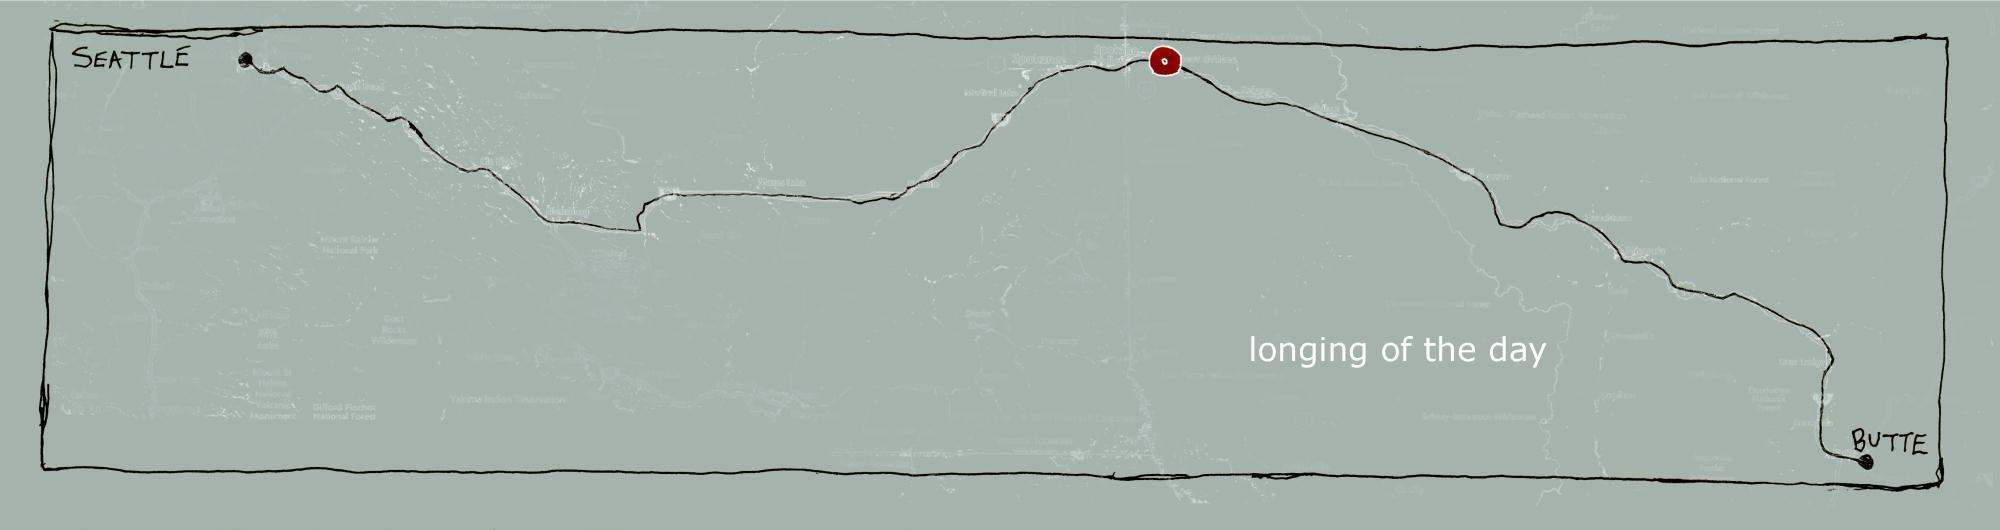 313 map